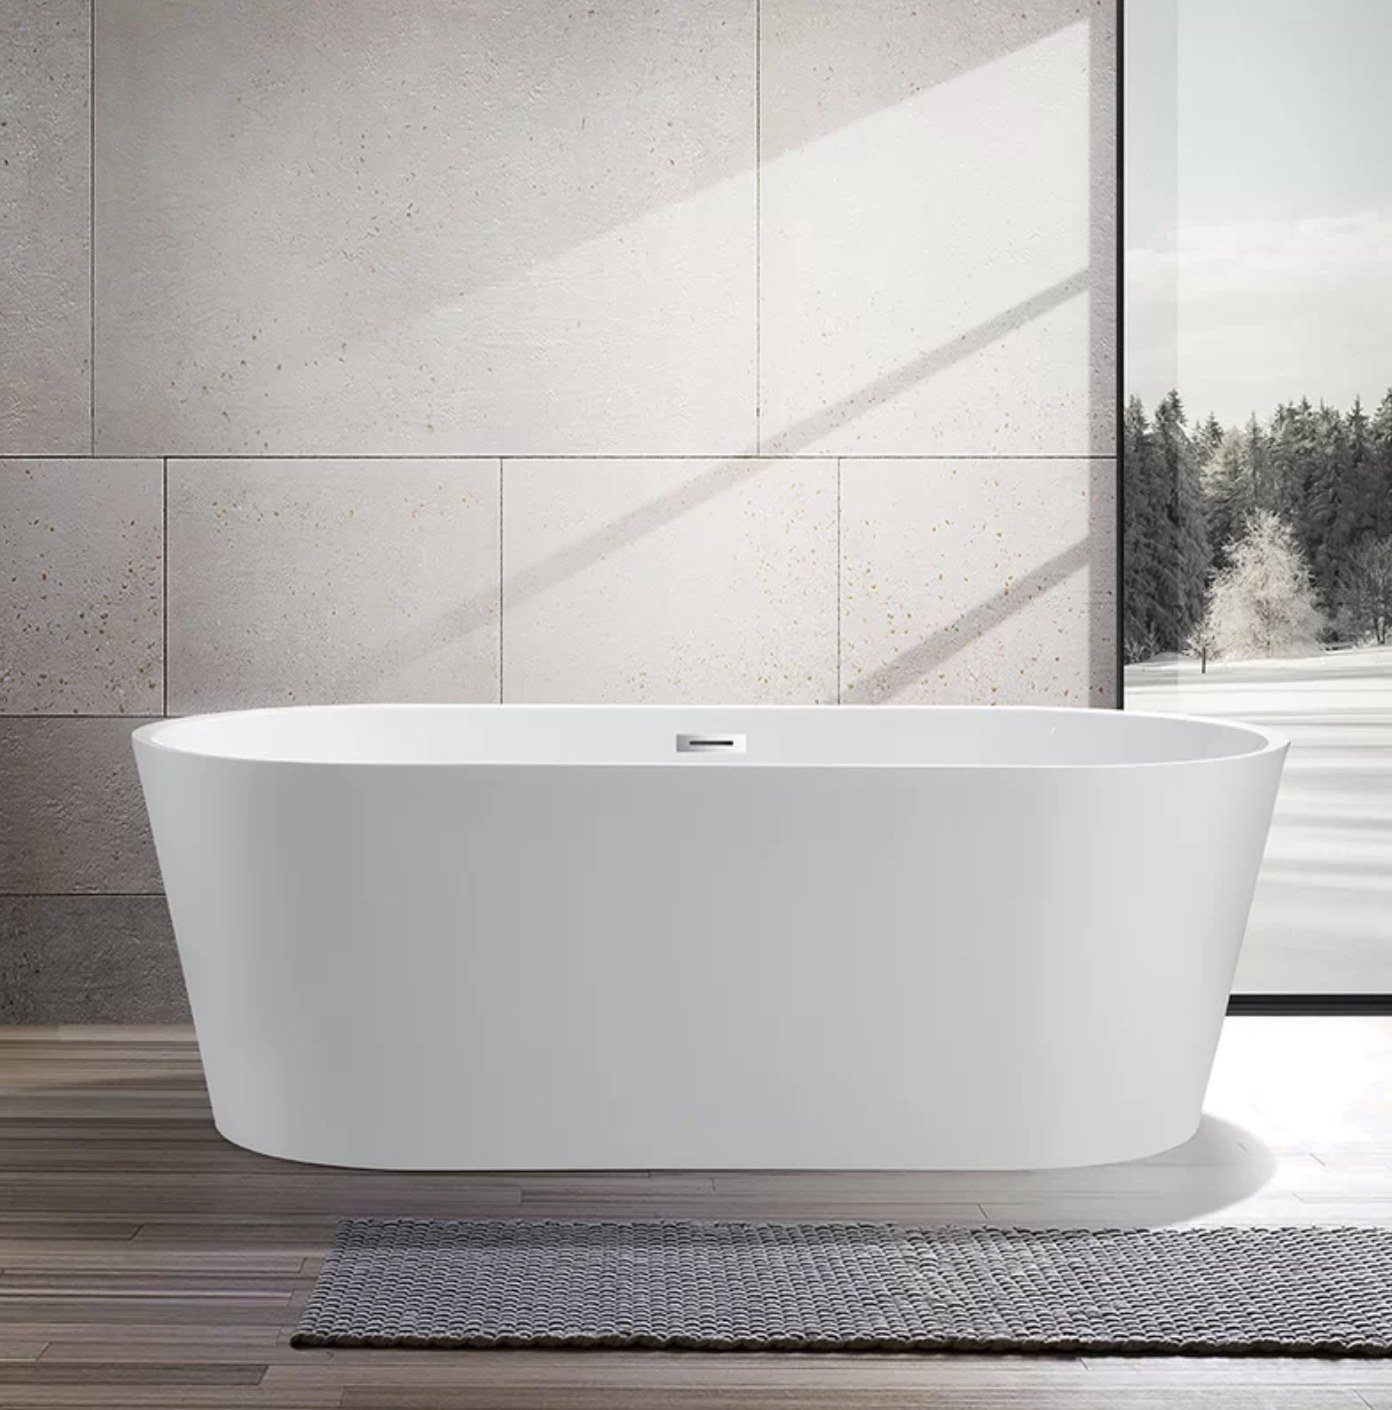 the white tub